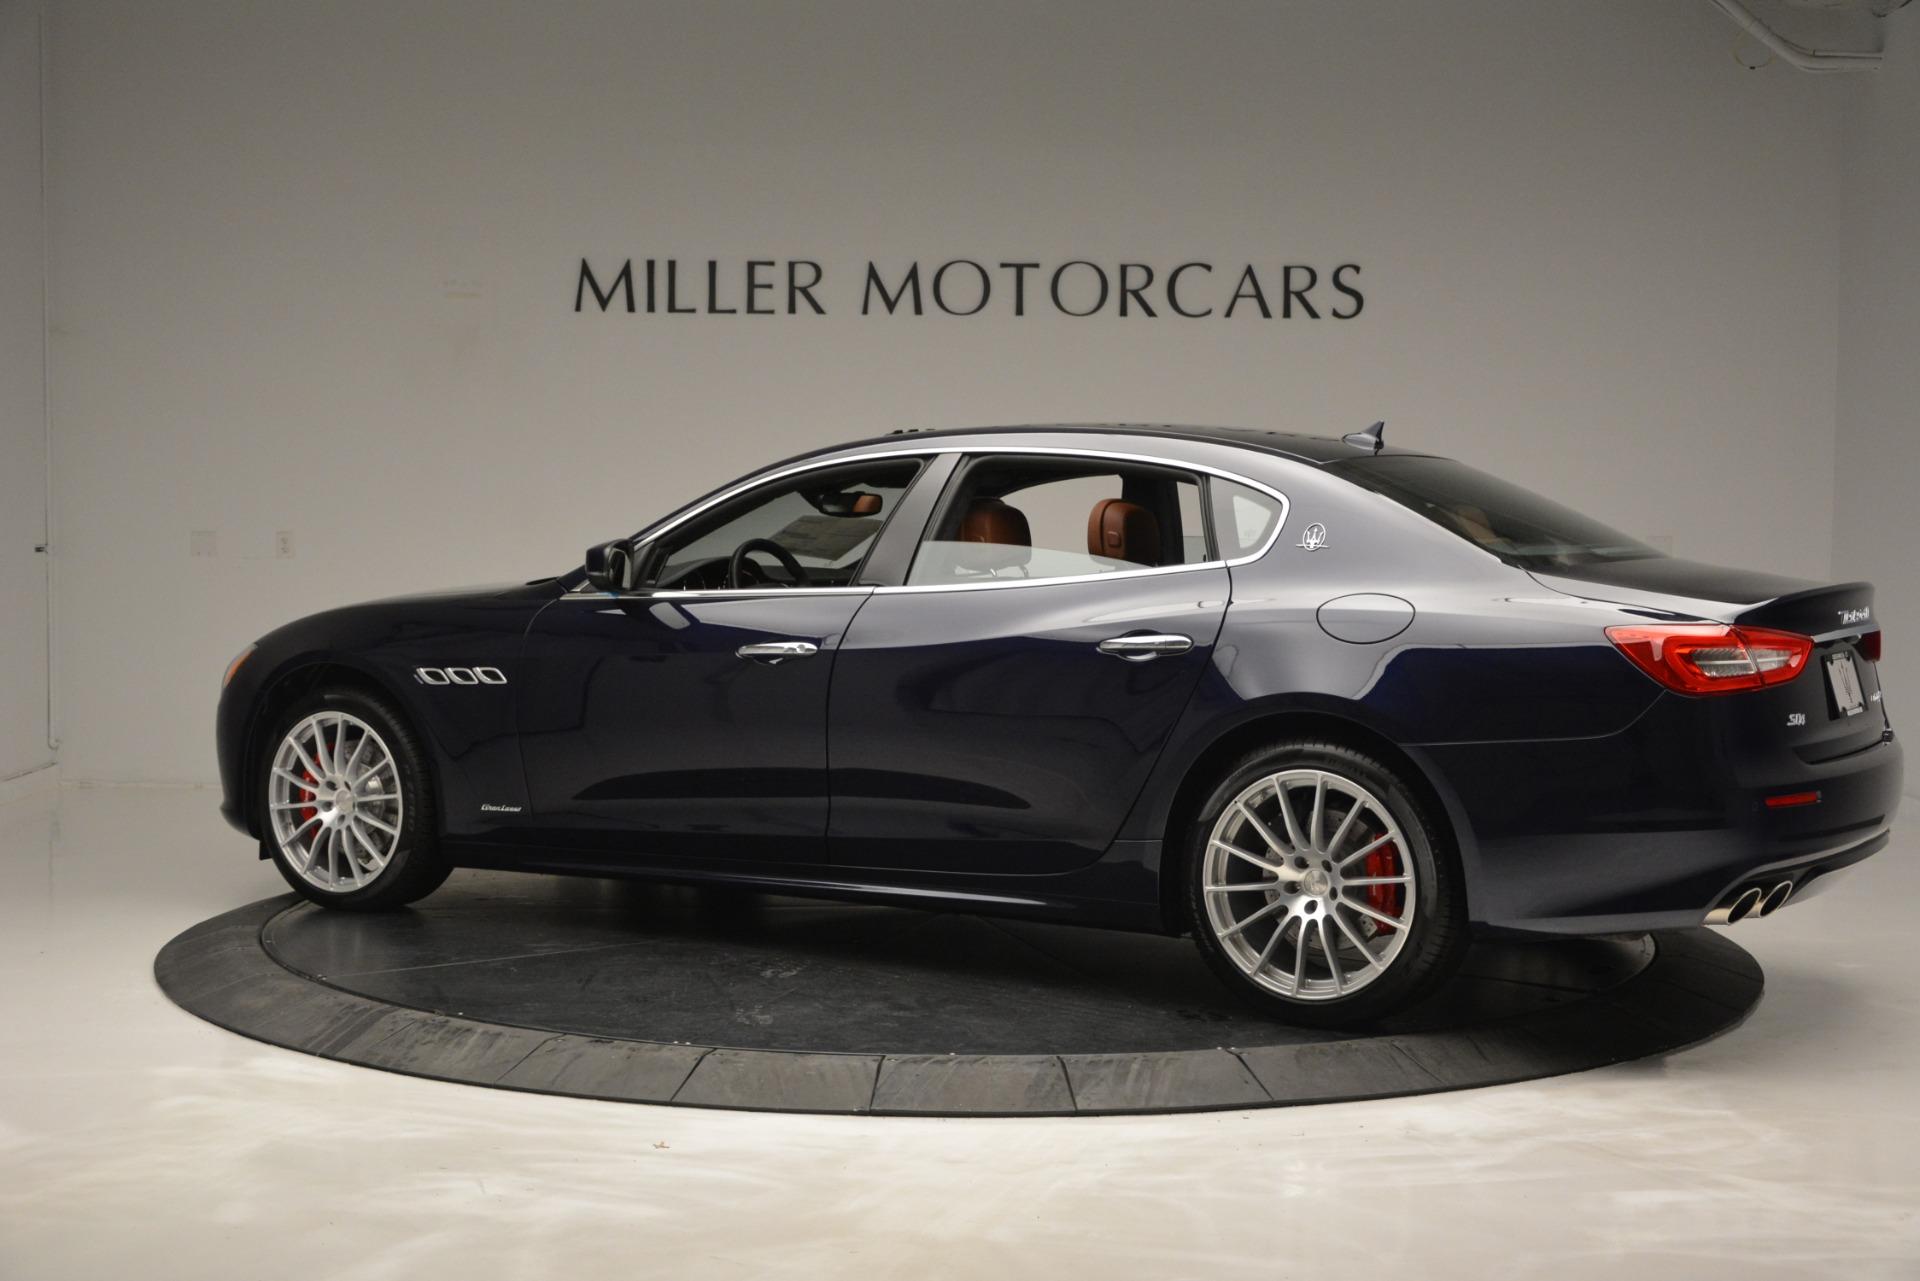 New 2019 Maserati Quattroporte S Q4 GranLusso For Sale In Greenwich, CT. Alfa Romeo of Greenwich, M2198 2620_p4